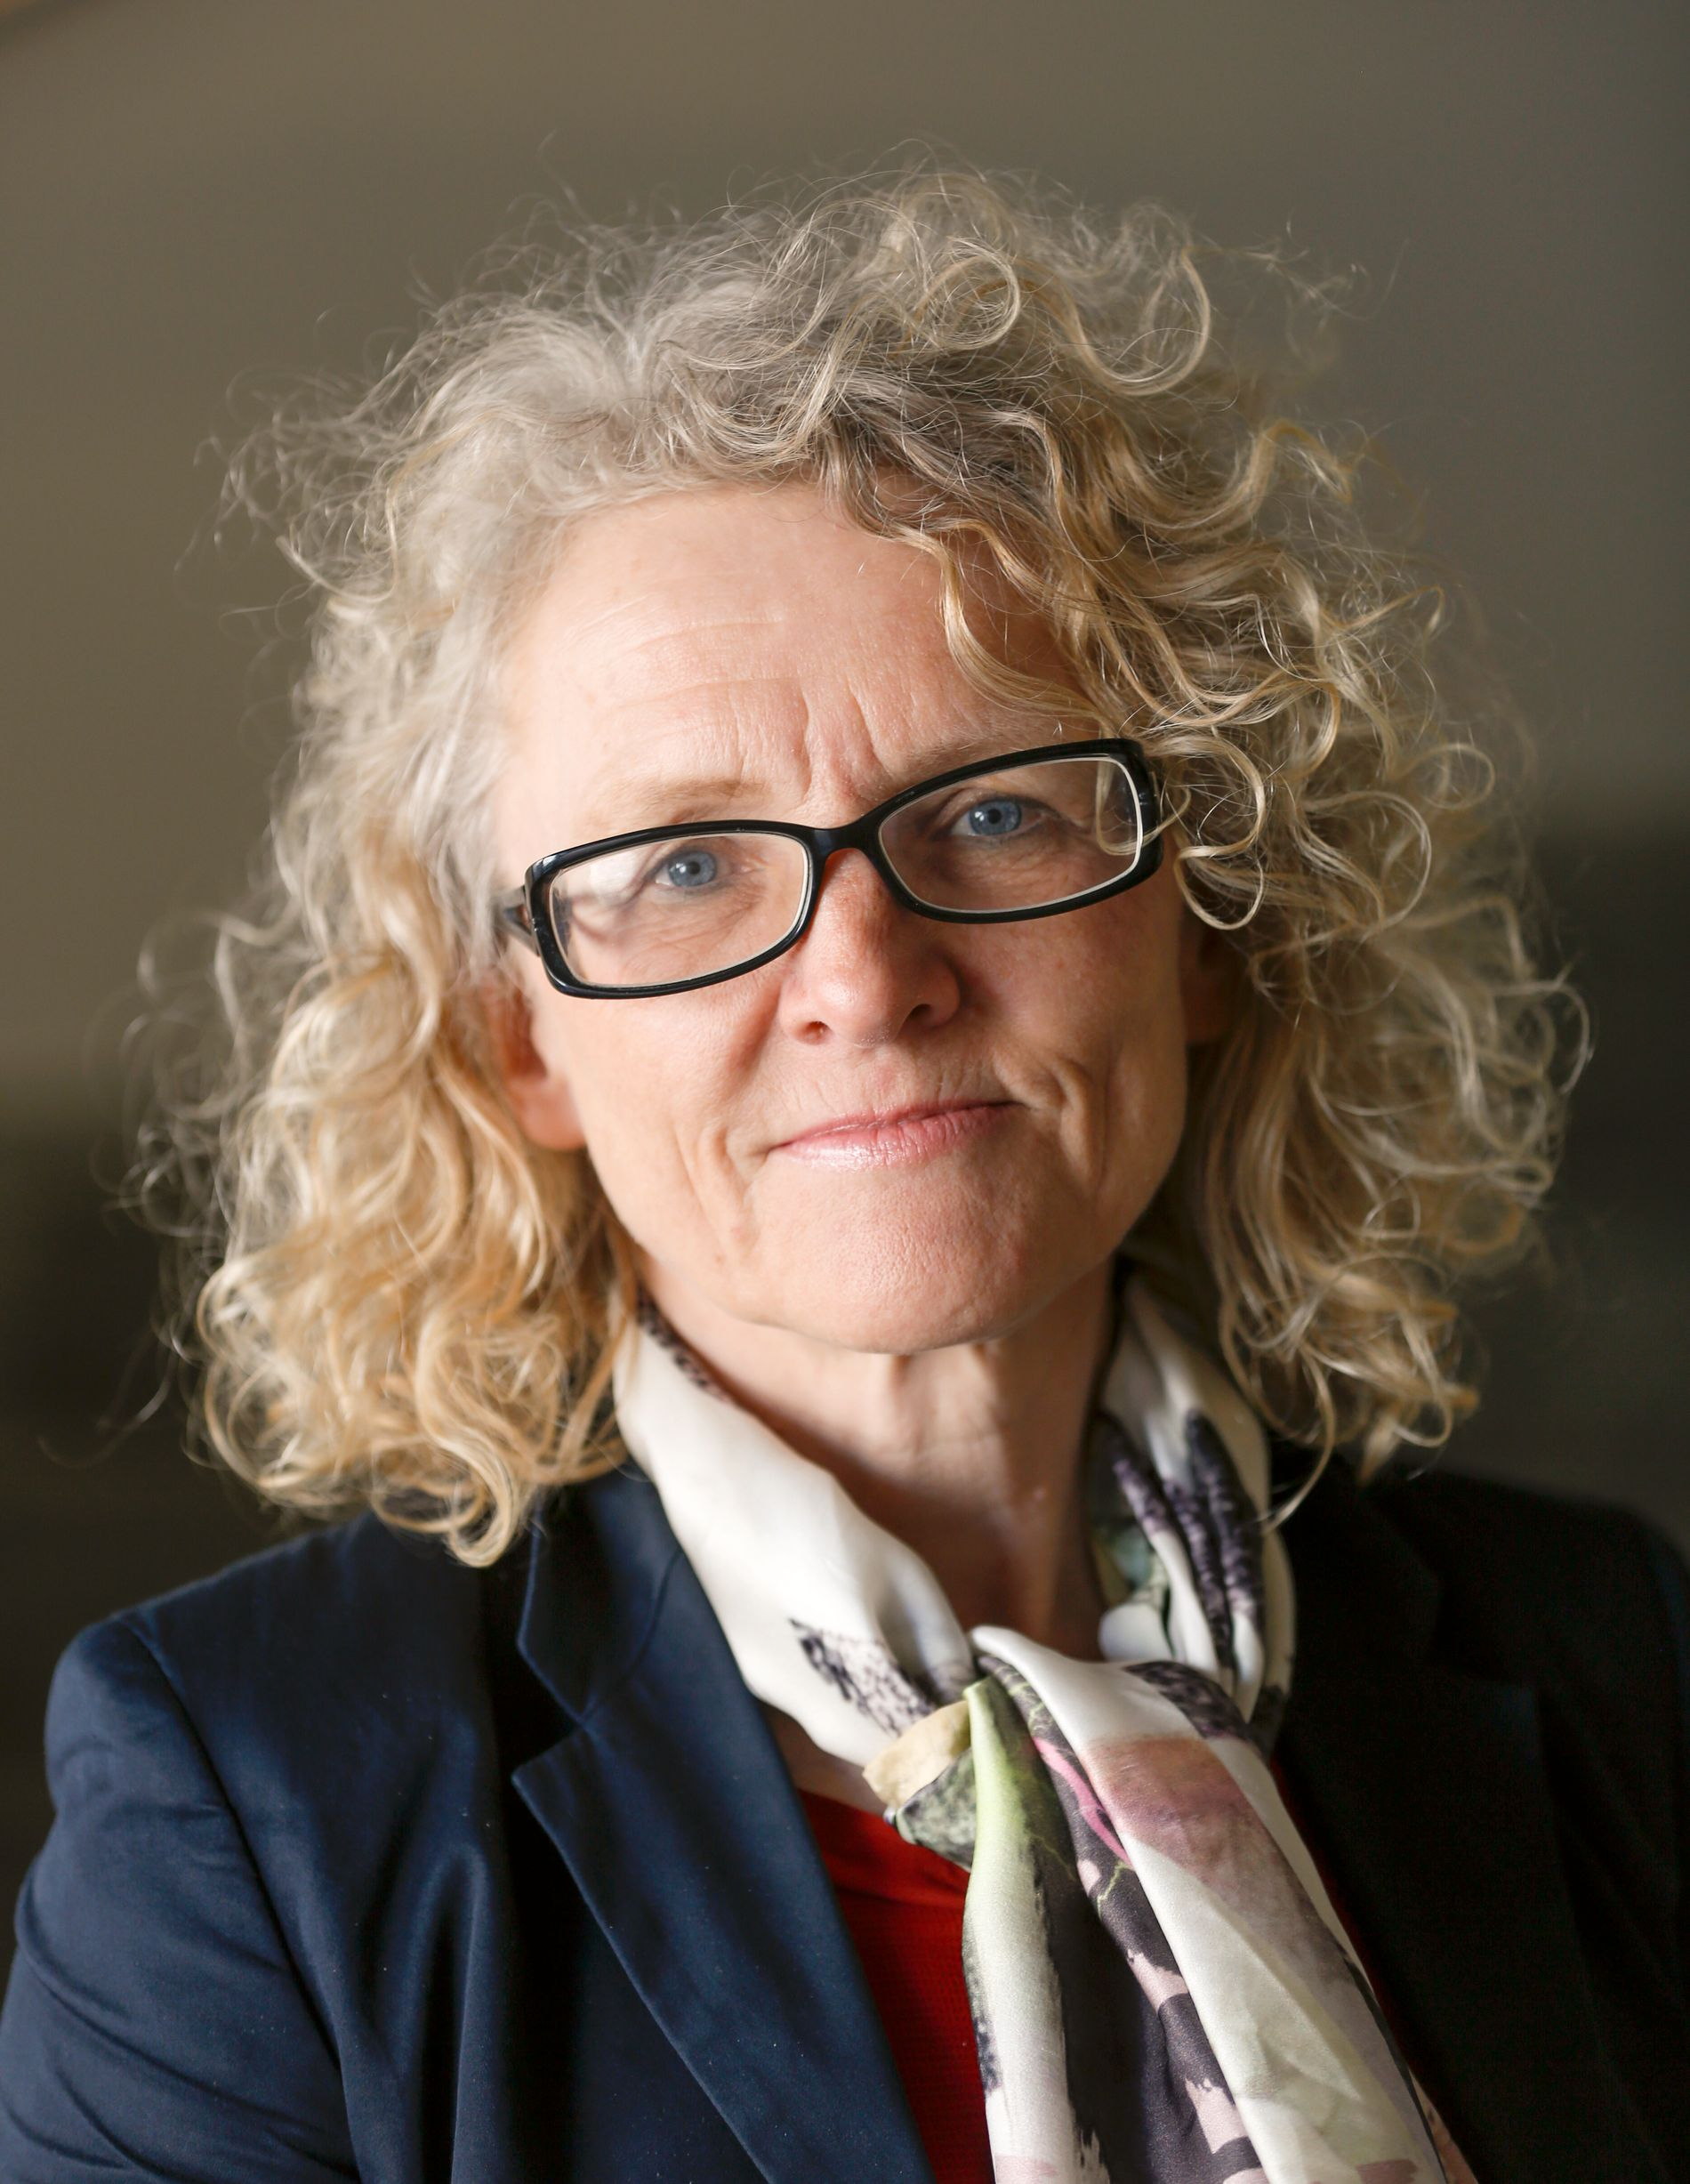 NEGATIVT: Fremstillingen av barnevernet blir dessverre ofte preget av et ensidig negativt bilde, skriver direktør i Barne-, ungdoms- og familiedirektoratet, Mari Trommald.